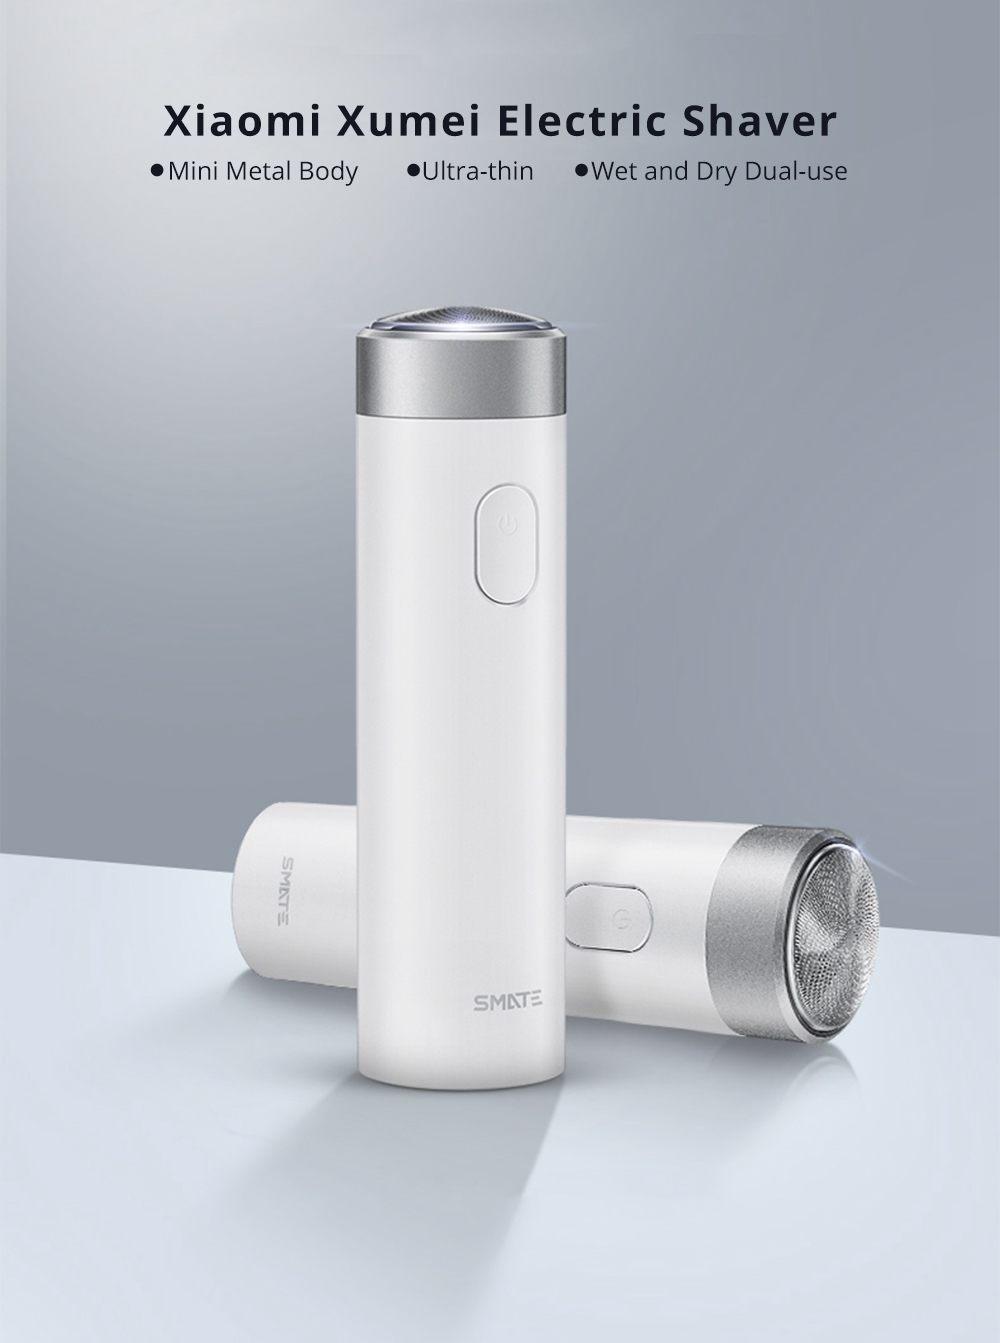 Xiaomi Xumei Turbine destacada